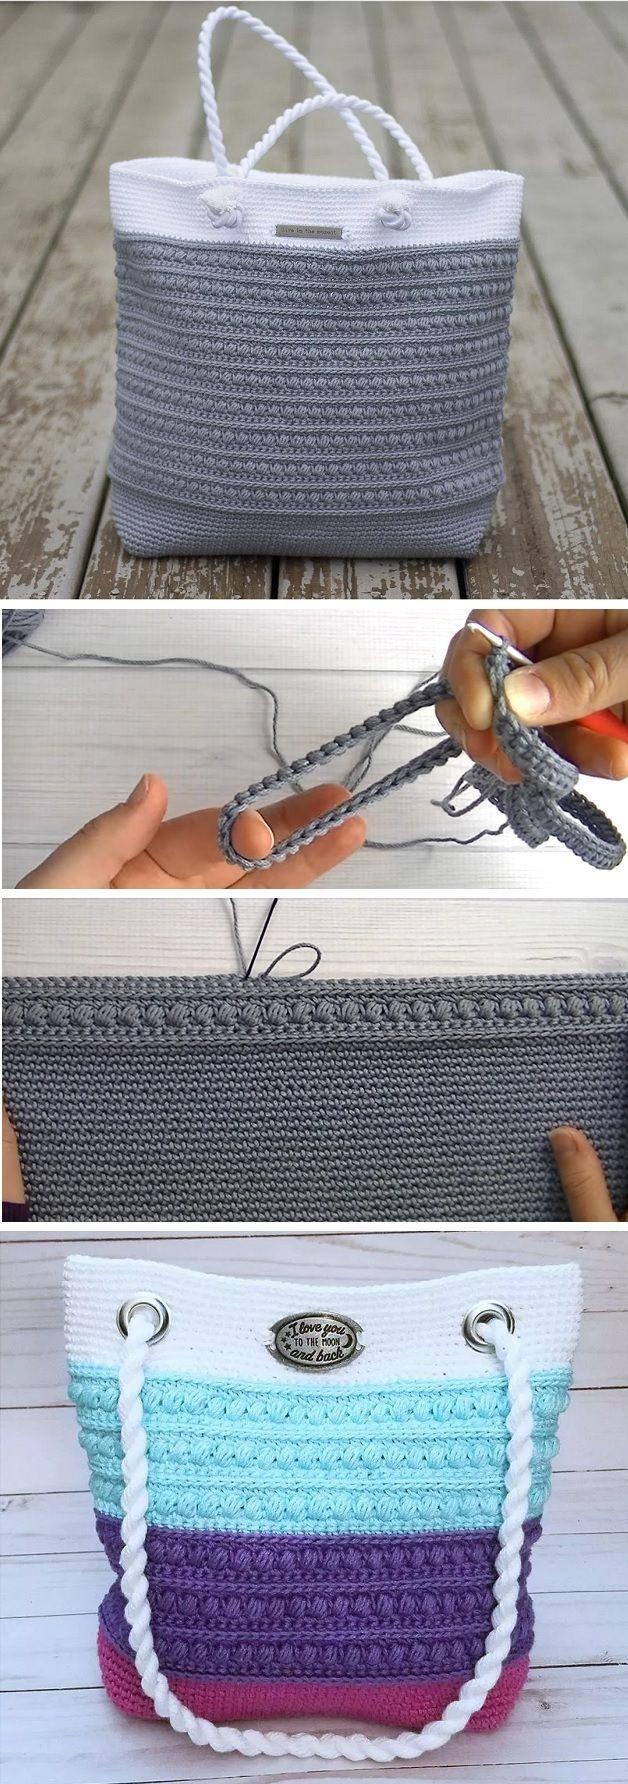 Crochet a pretty shoulder bag